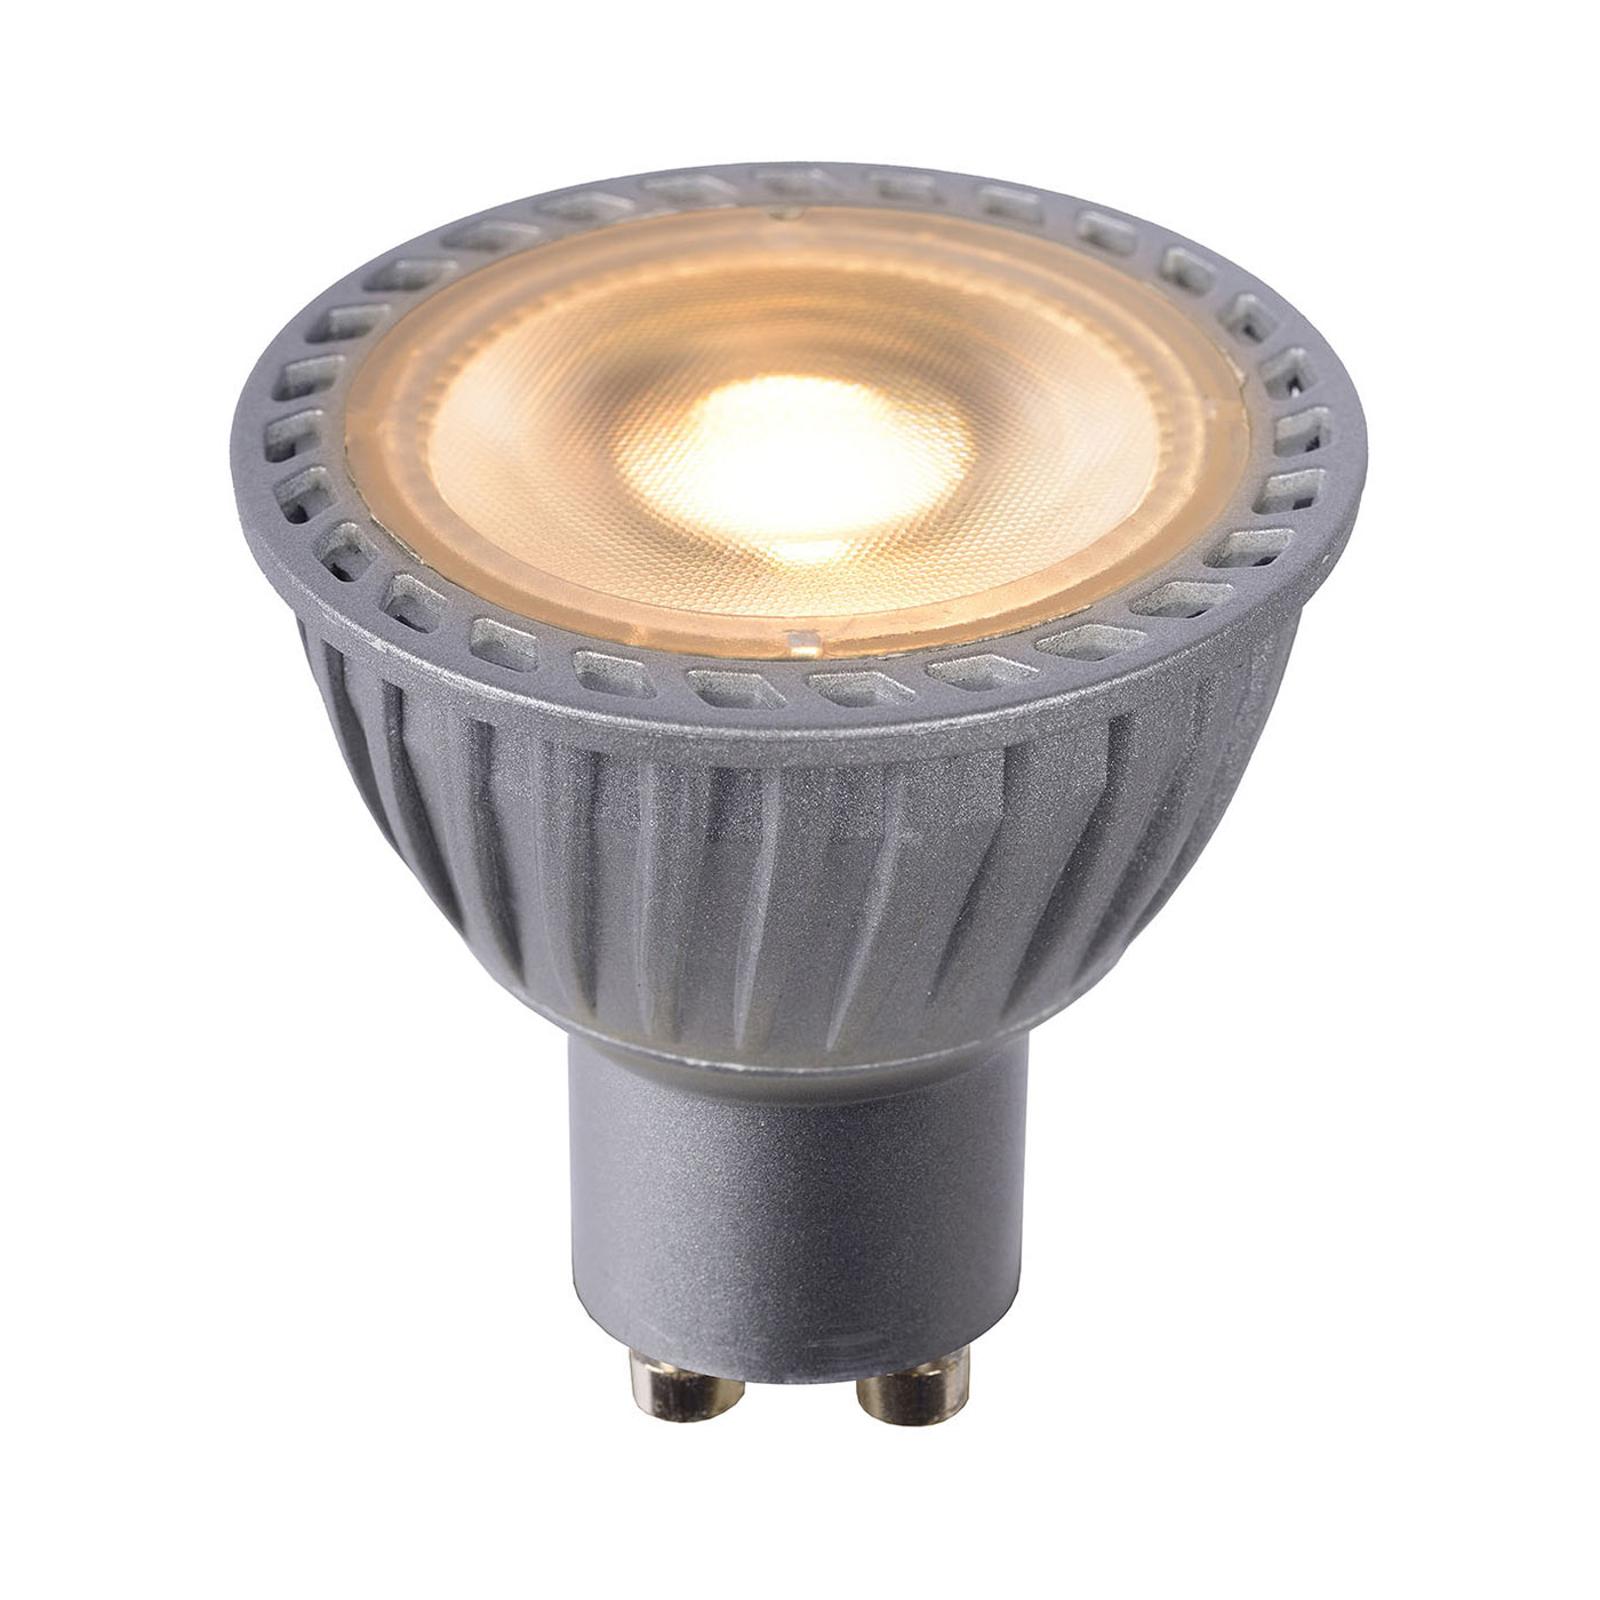 LED-Reflektor GU10 5W dim to warm, grau